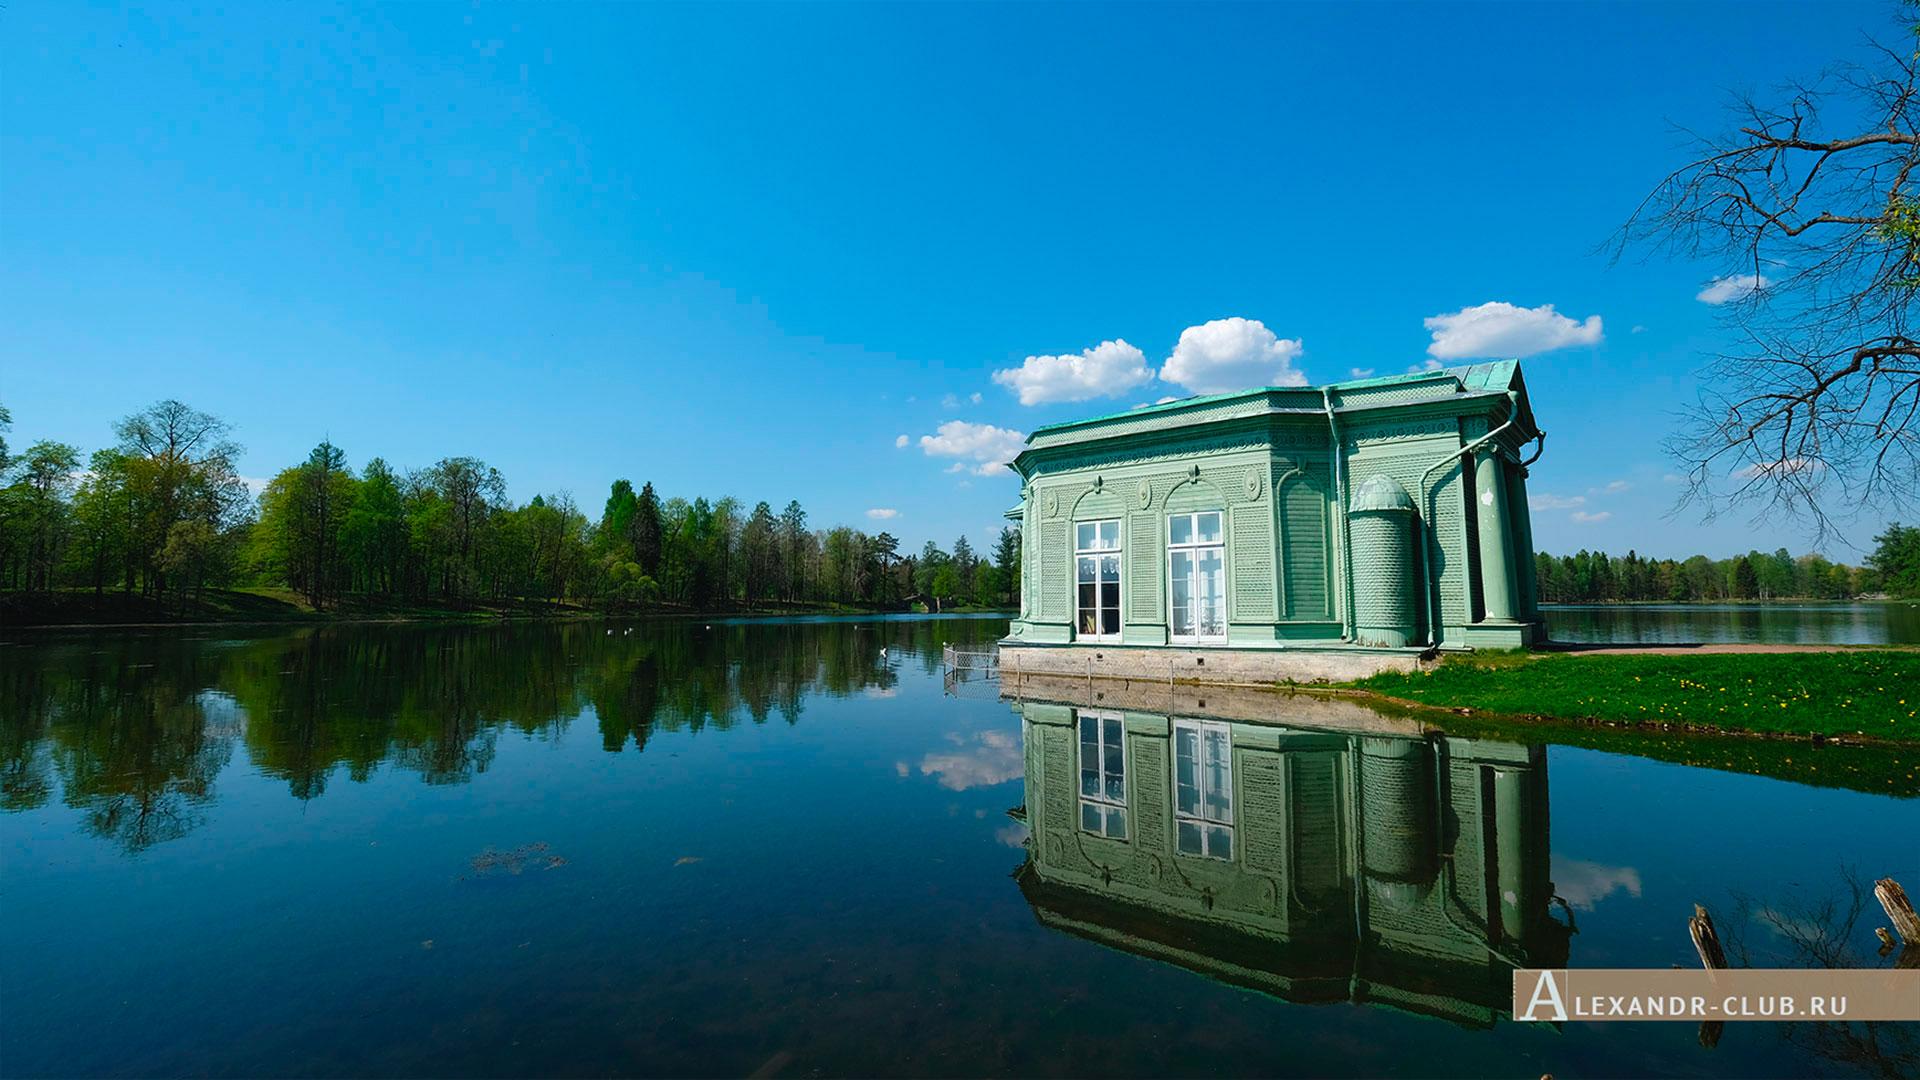 Гатчинский парк, весна, Павильон Венеры